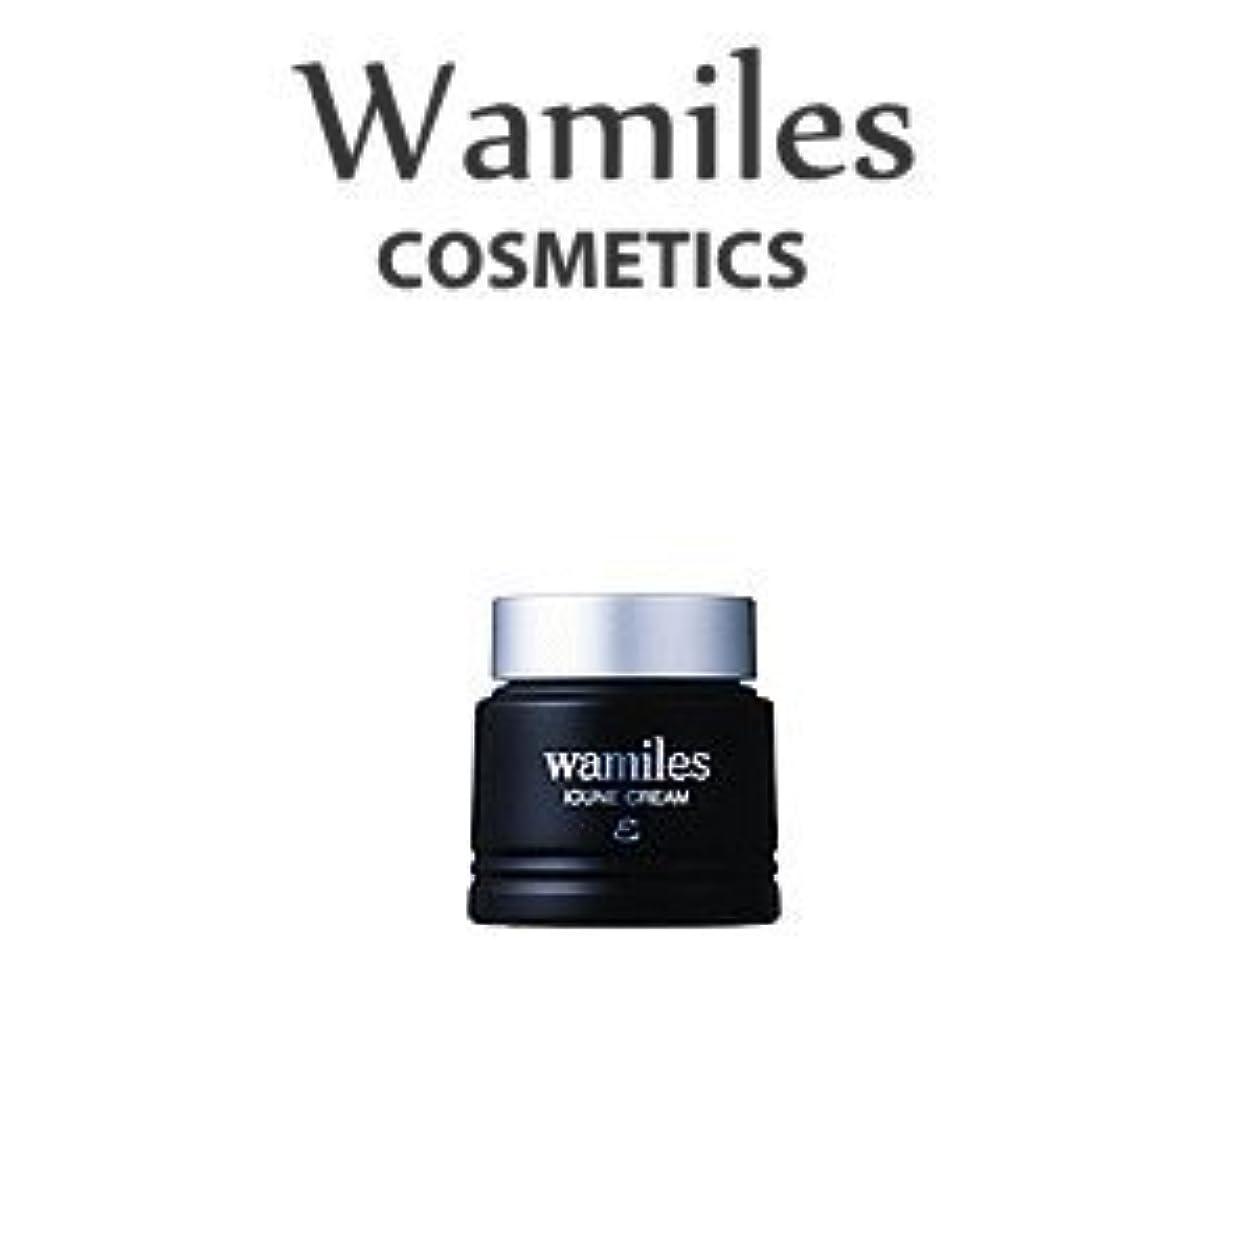 確かめる覆す別にwamiles/ワミレス ベーシックライン イオンヌ クリーム 53g 美容 保湿